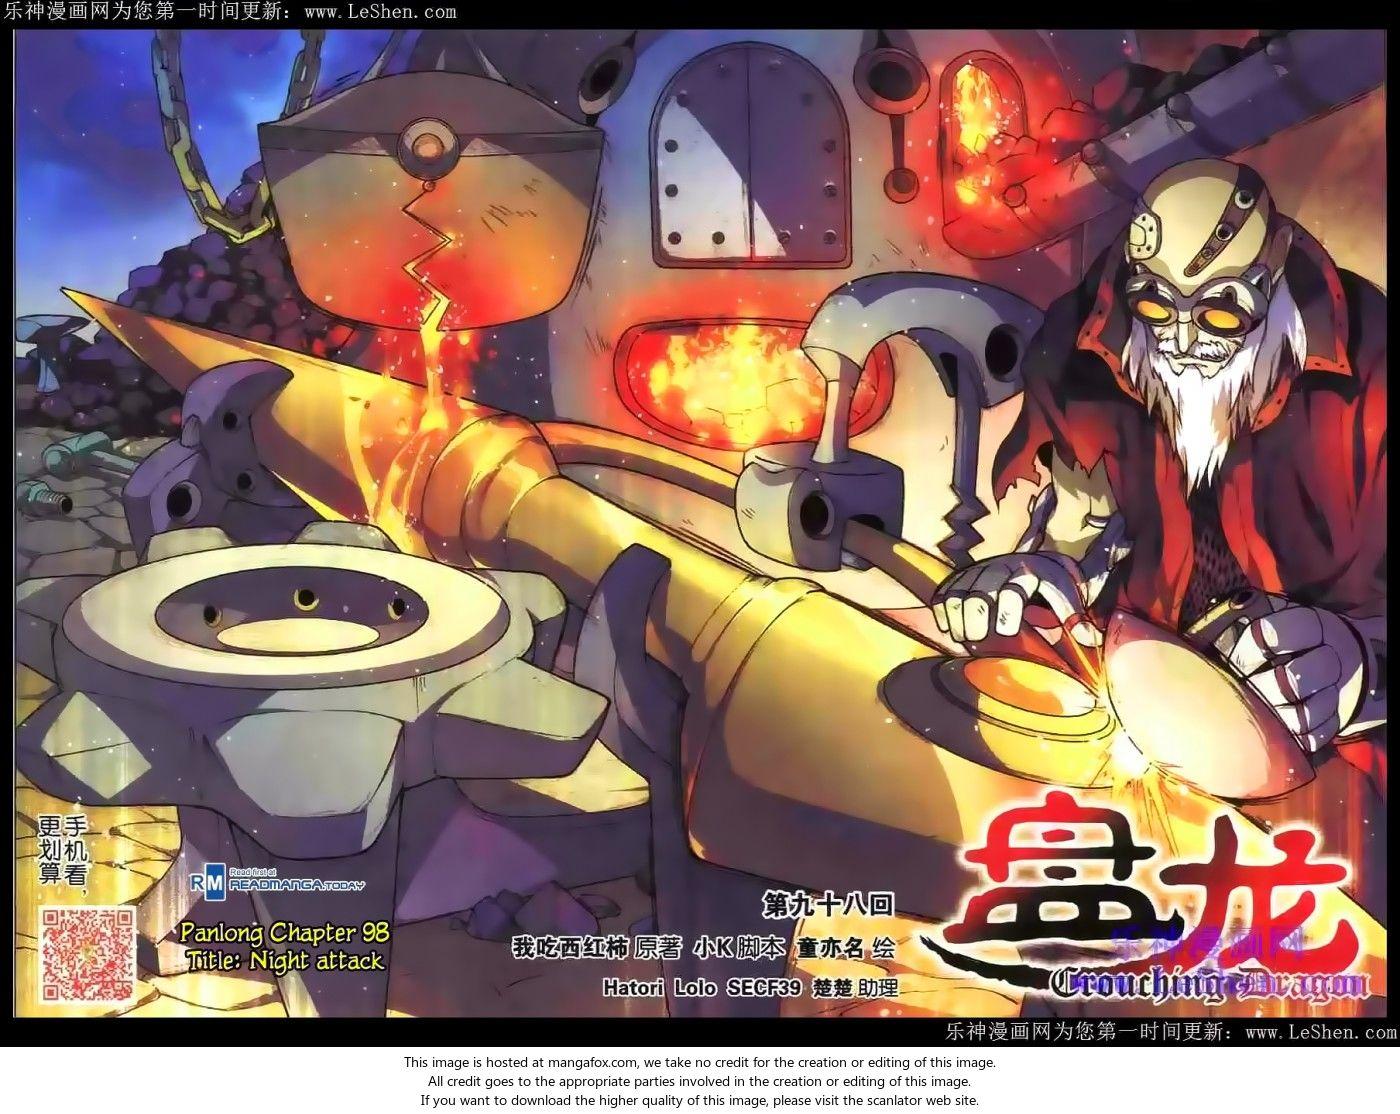 Panlong 98: Night Attack at MangaFox